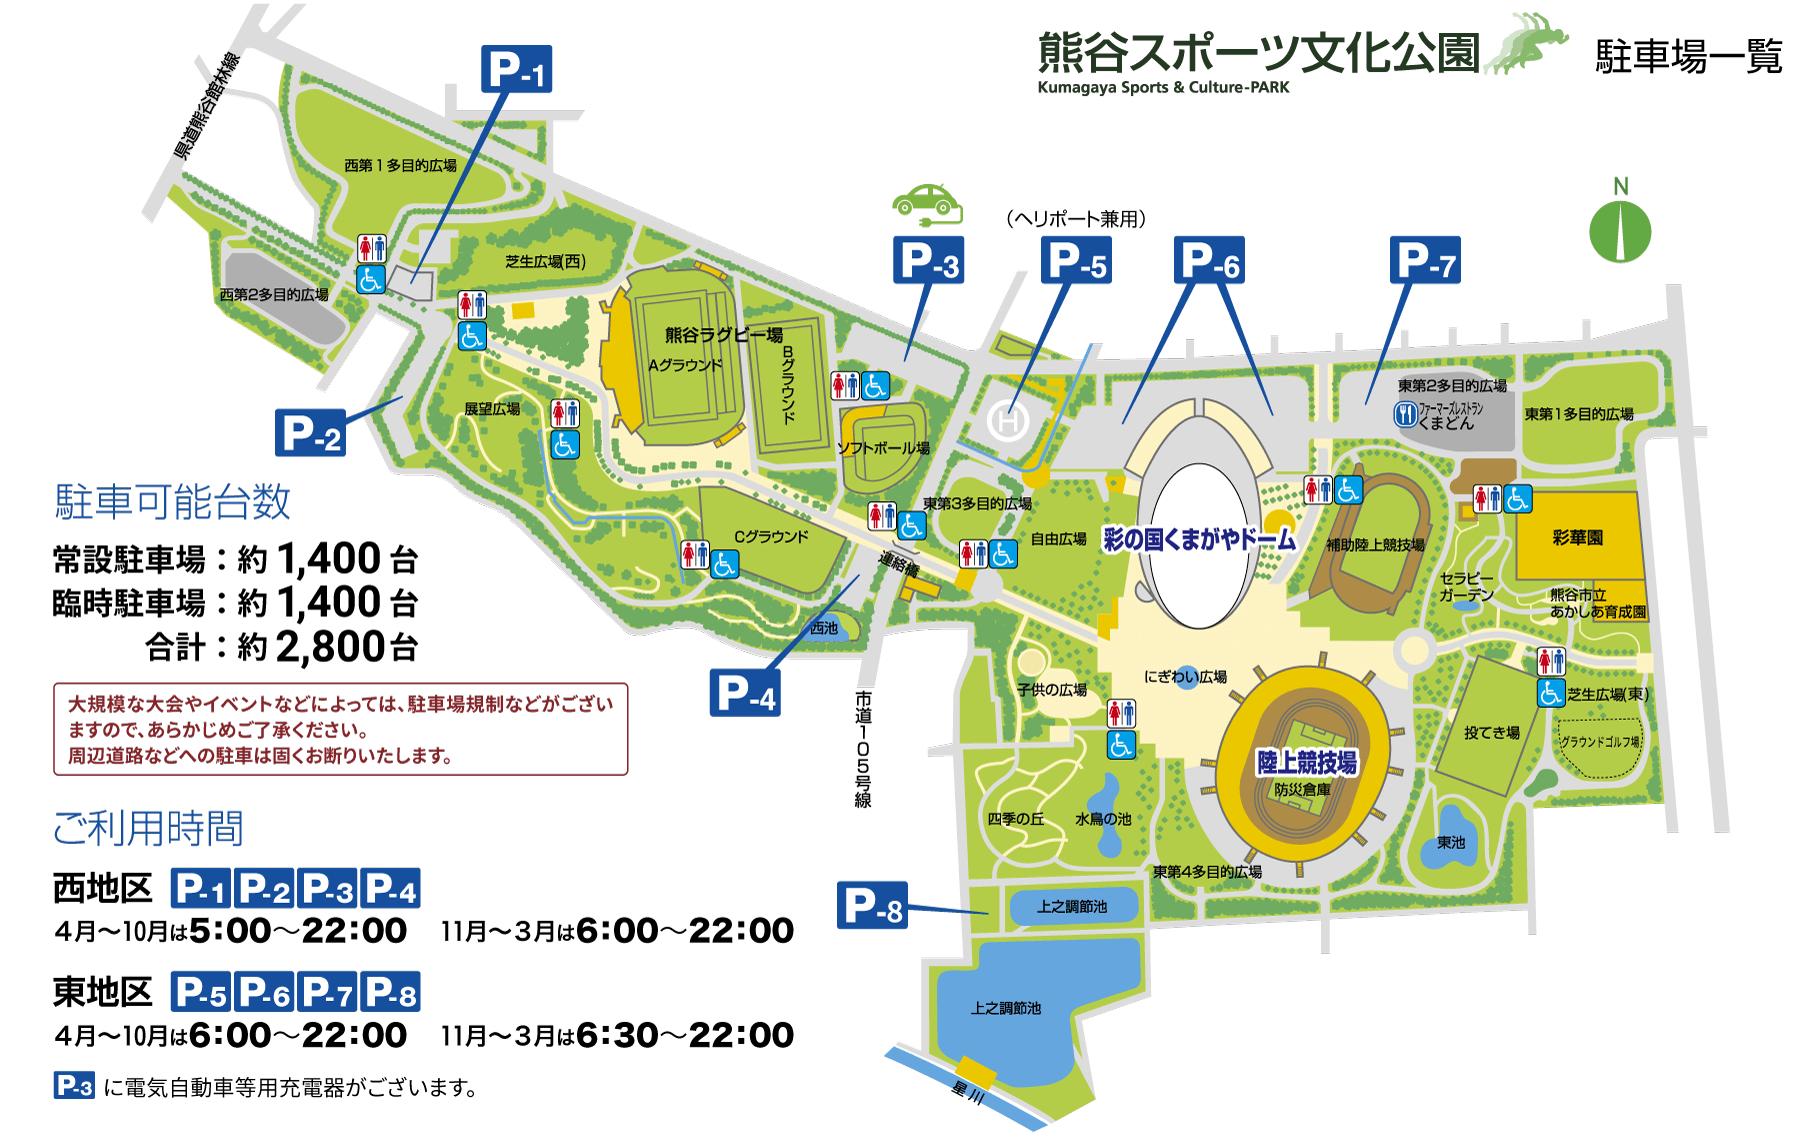 熊谷ラグビー場のアクセス方法!車やバスに徒歩でのルートを紹介